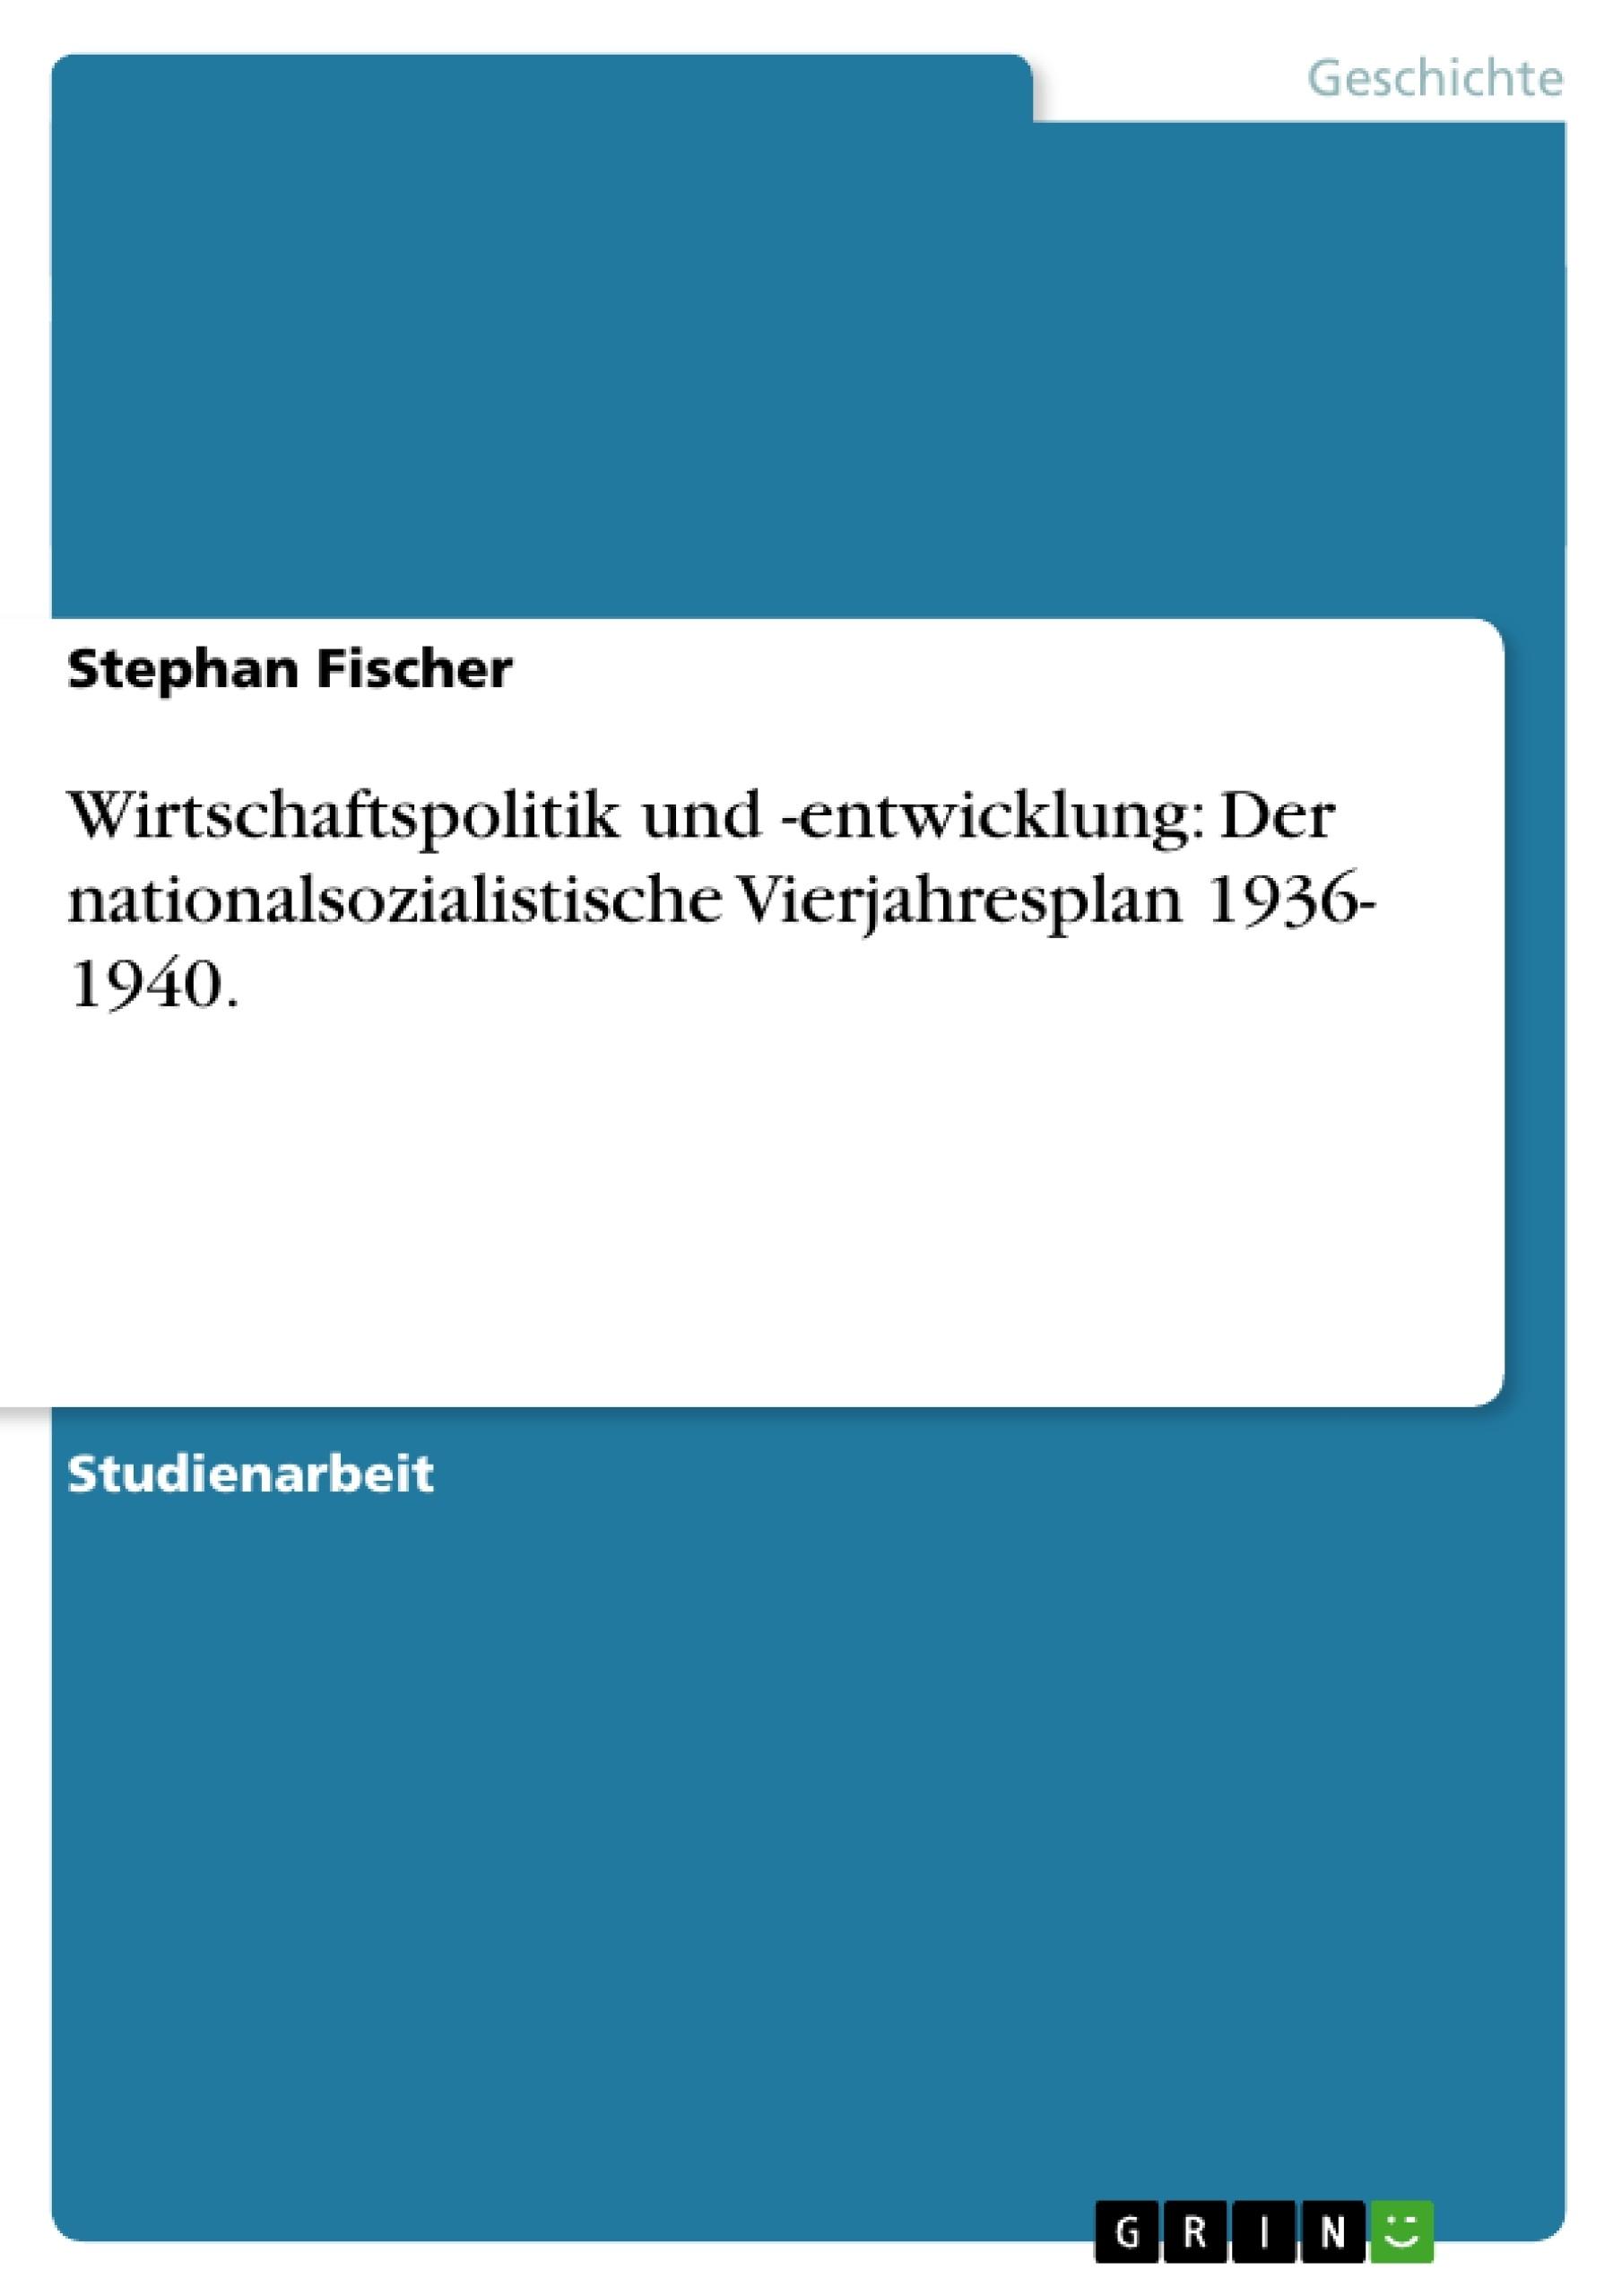 Titel: Wirtschaftspolitik und -entwicklung: Der nationalsozialistische Vierjahresplan 1936- 1940.